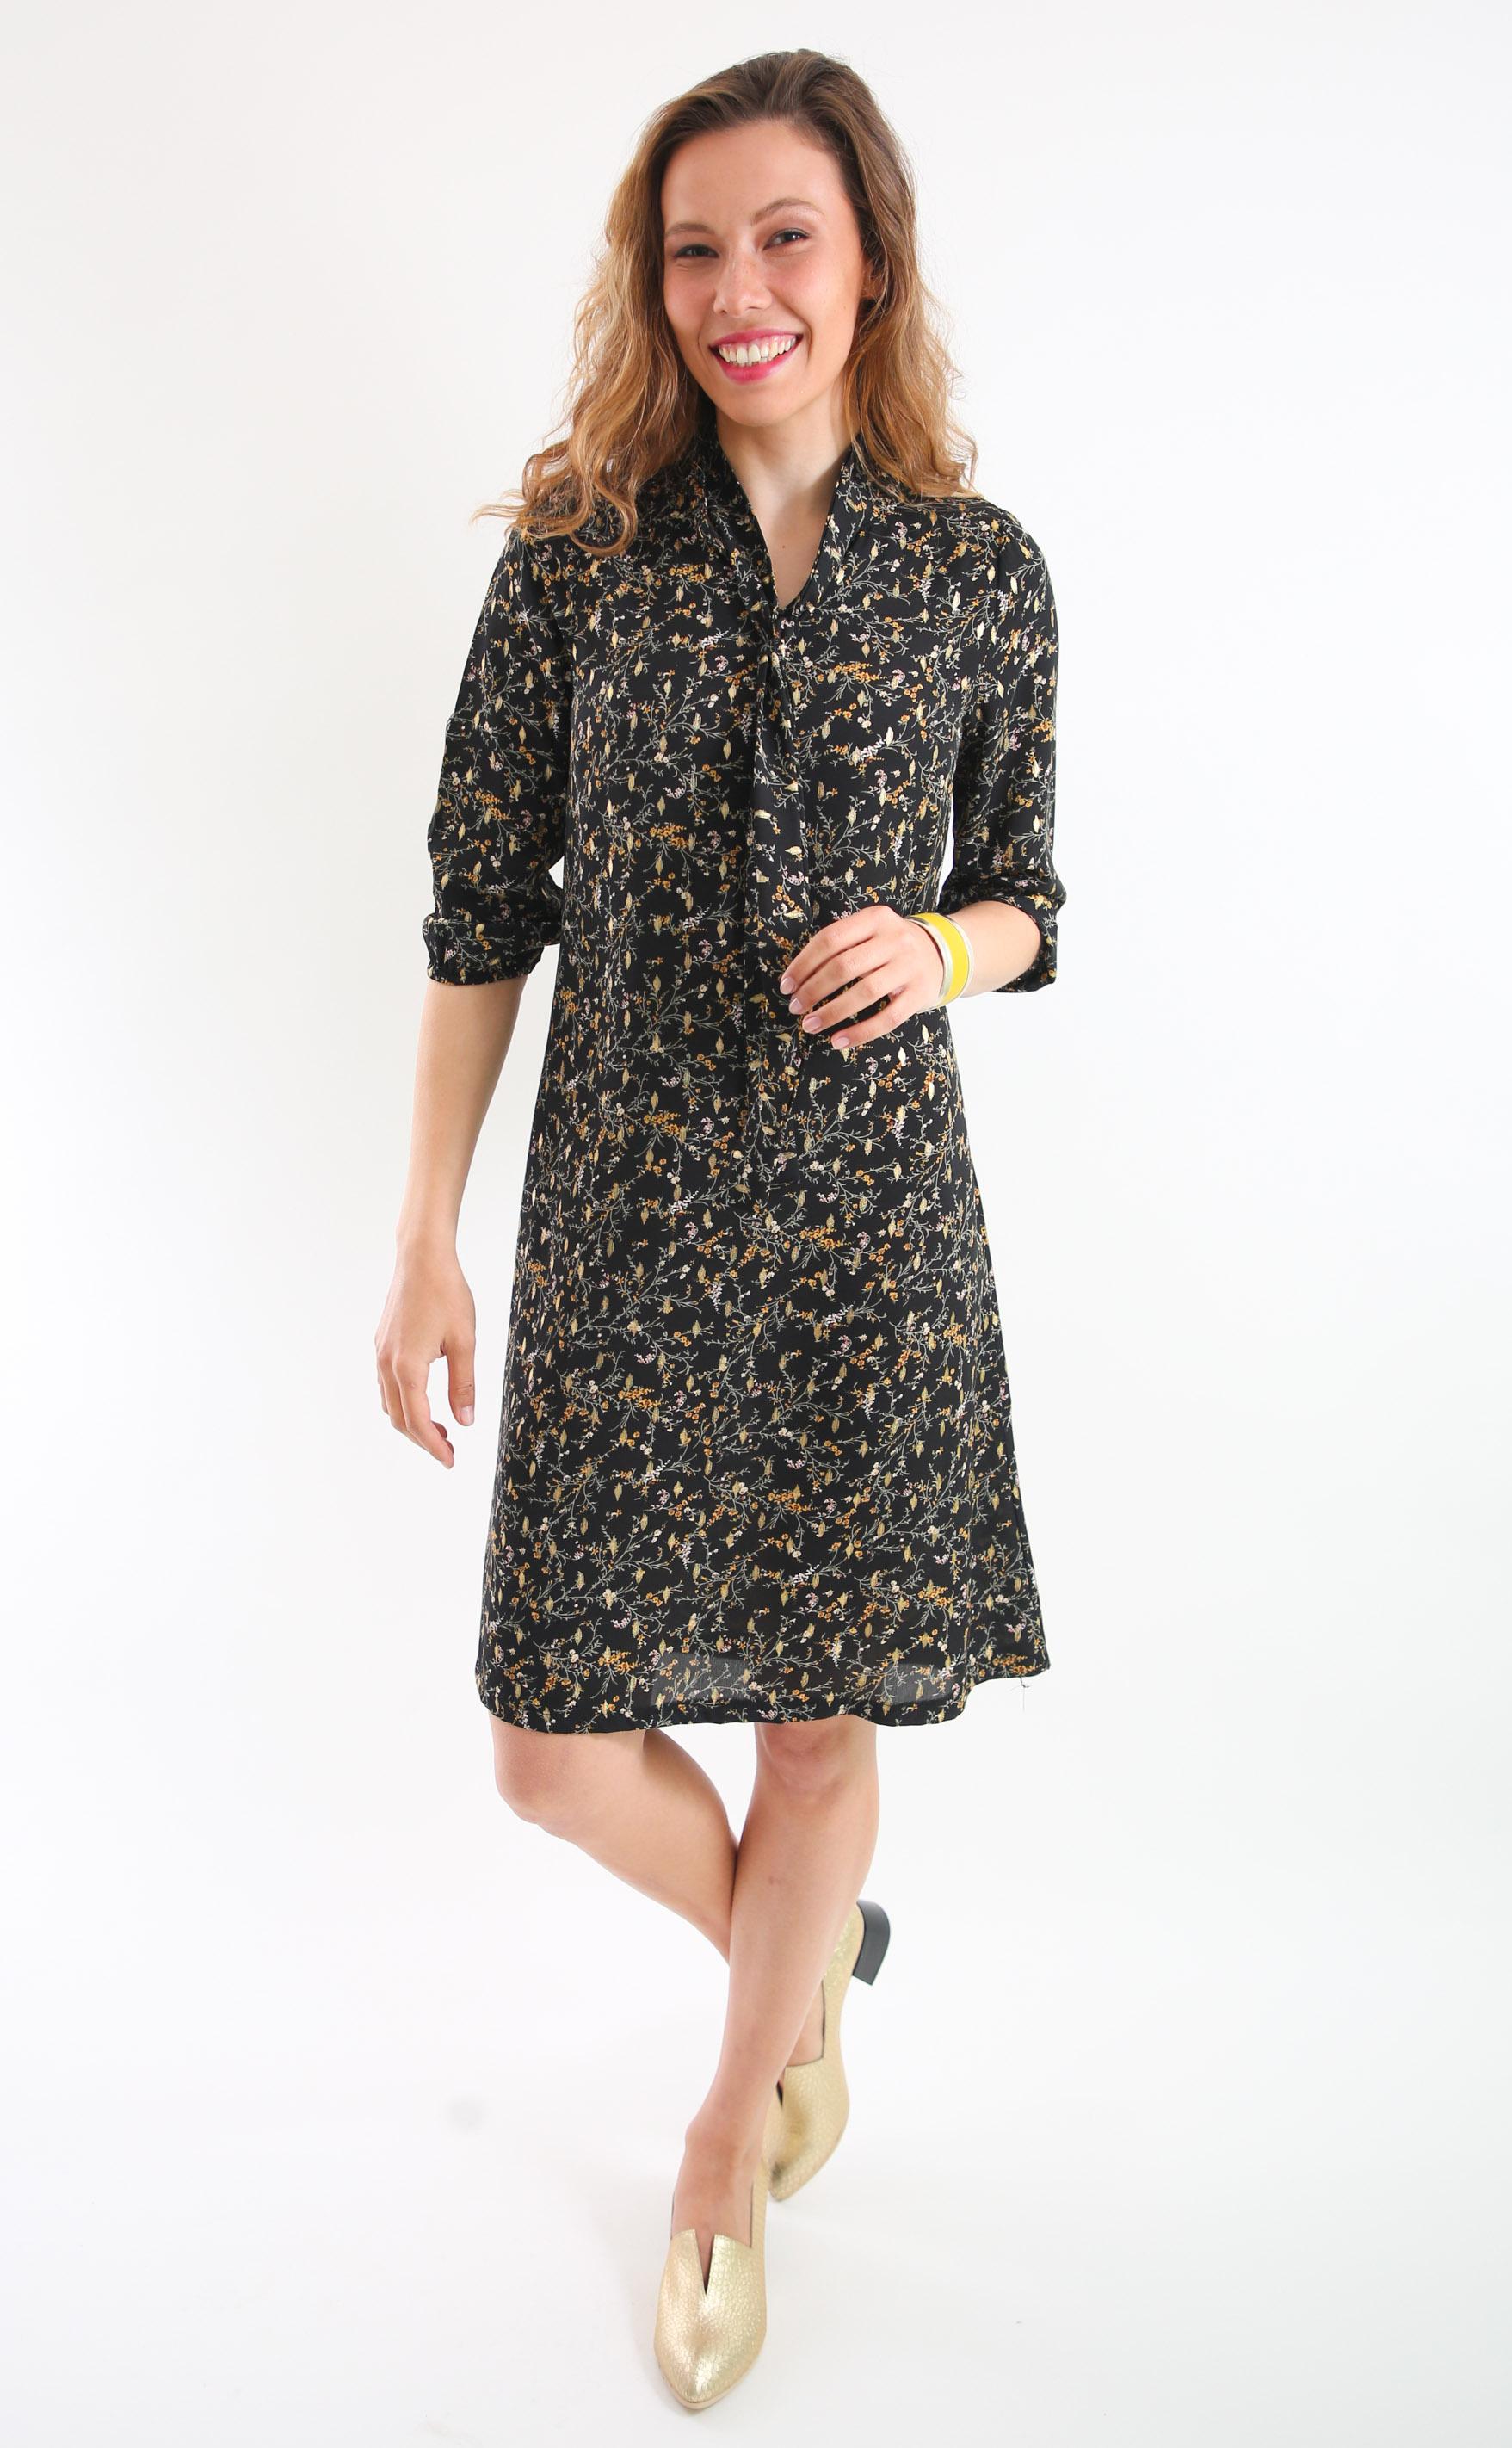 שמלת עירית שחורה עם הדפס פרחוני.